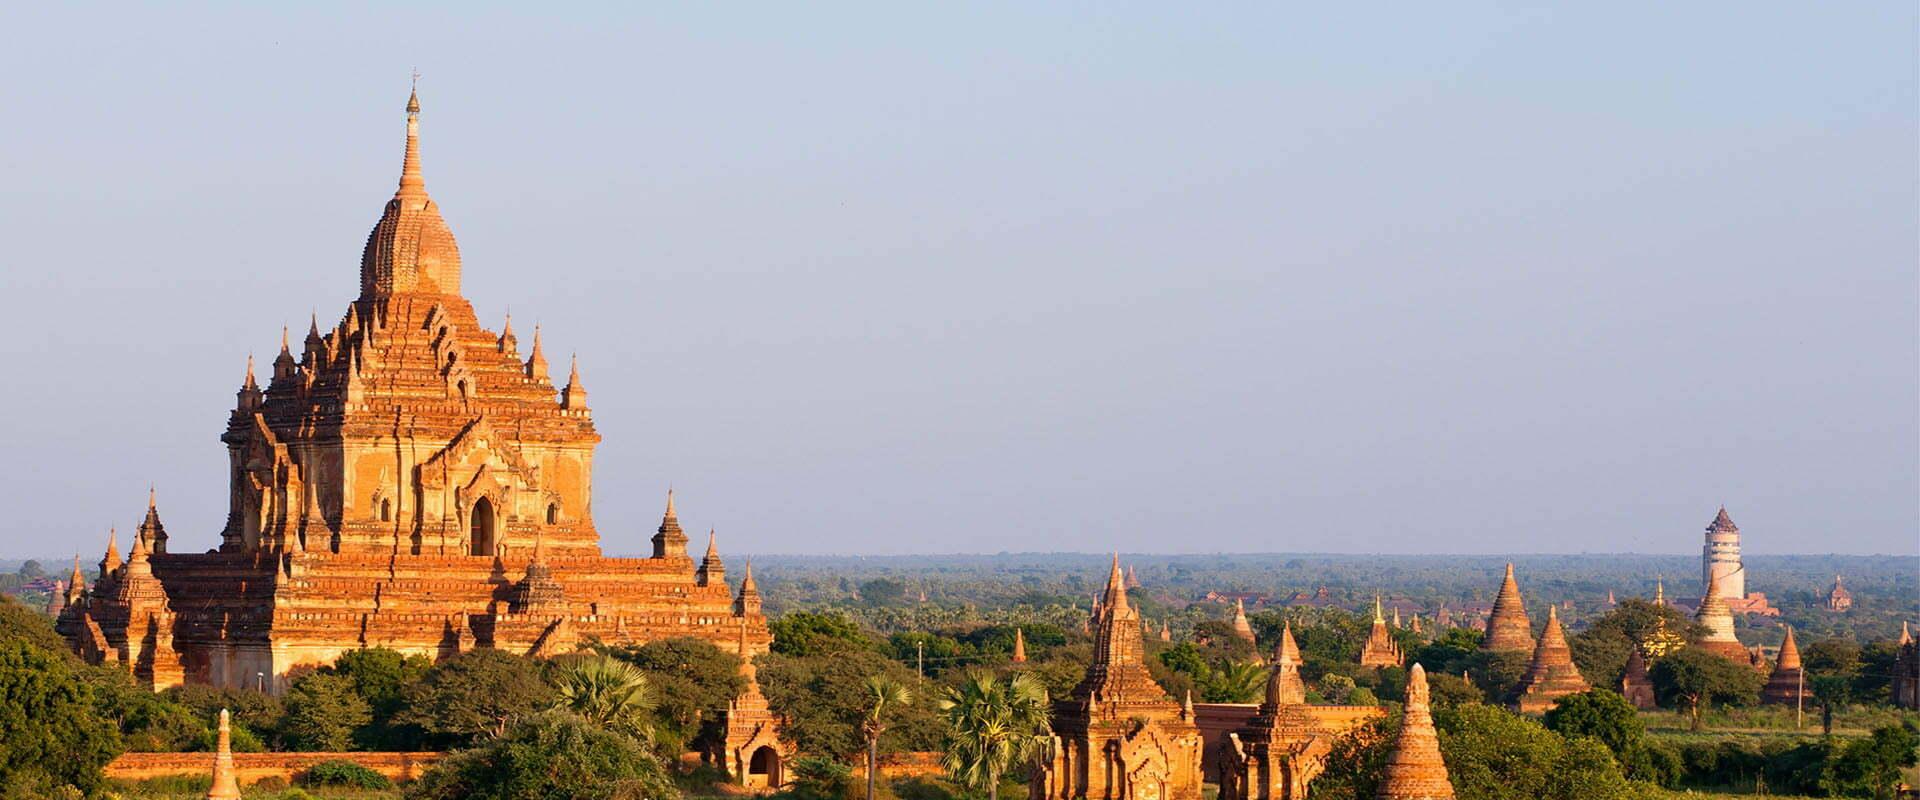 birmanie temple de Bagan